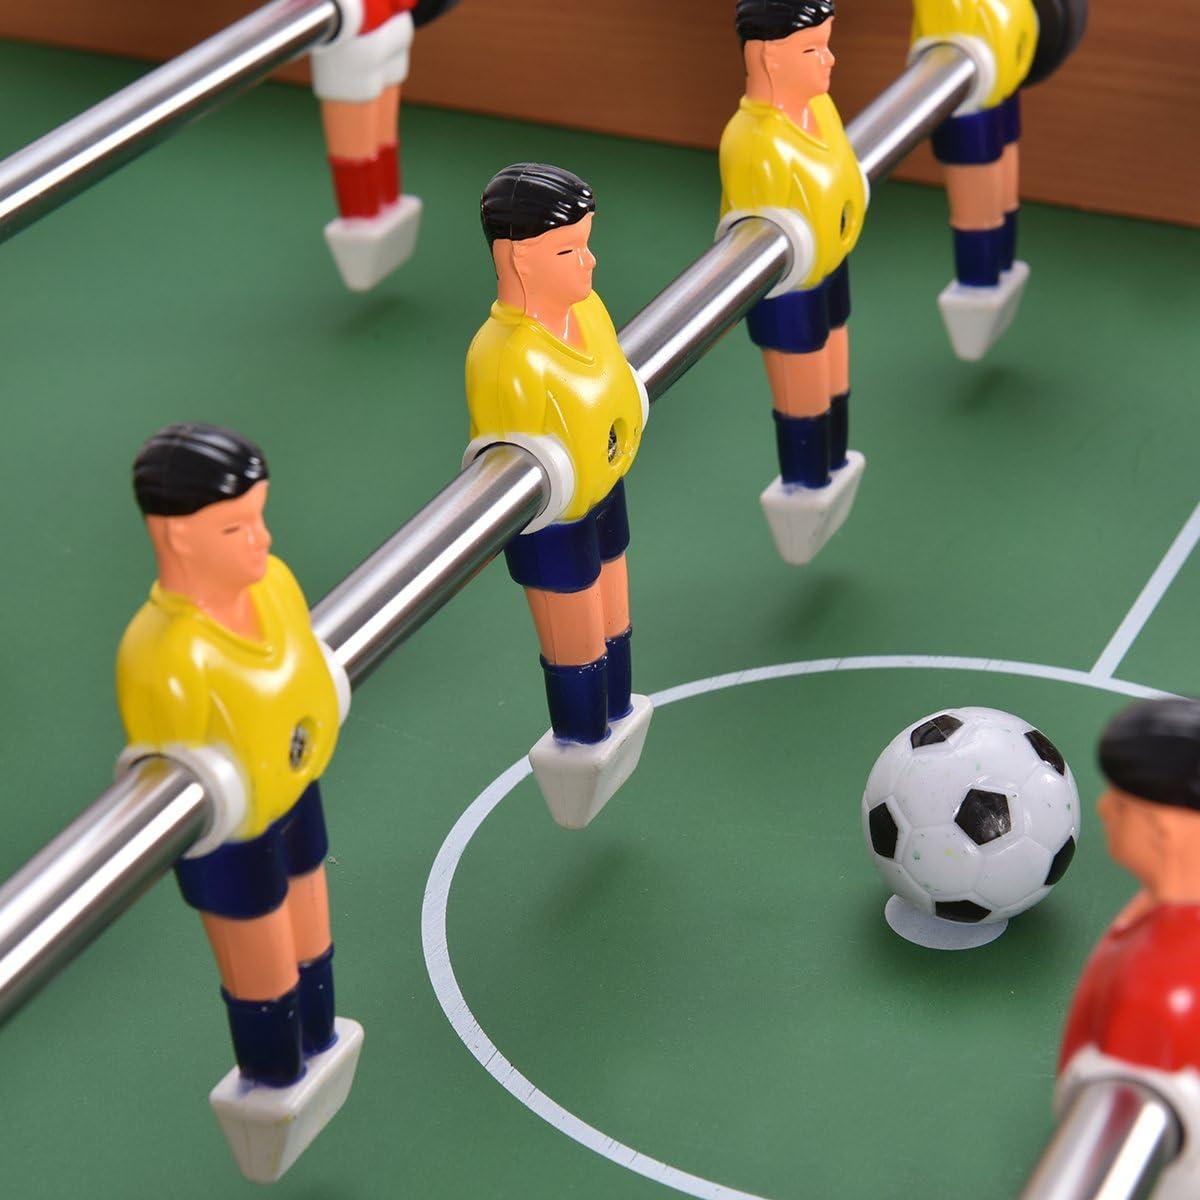 Juego futbolín de mesa Juego De Mesa De Fútbol para niños Juguete ...